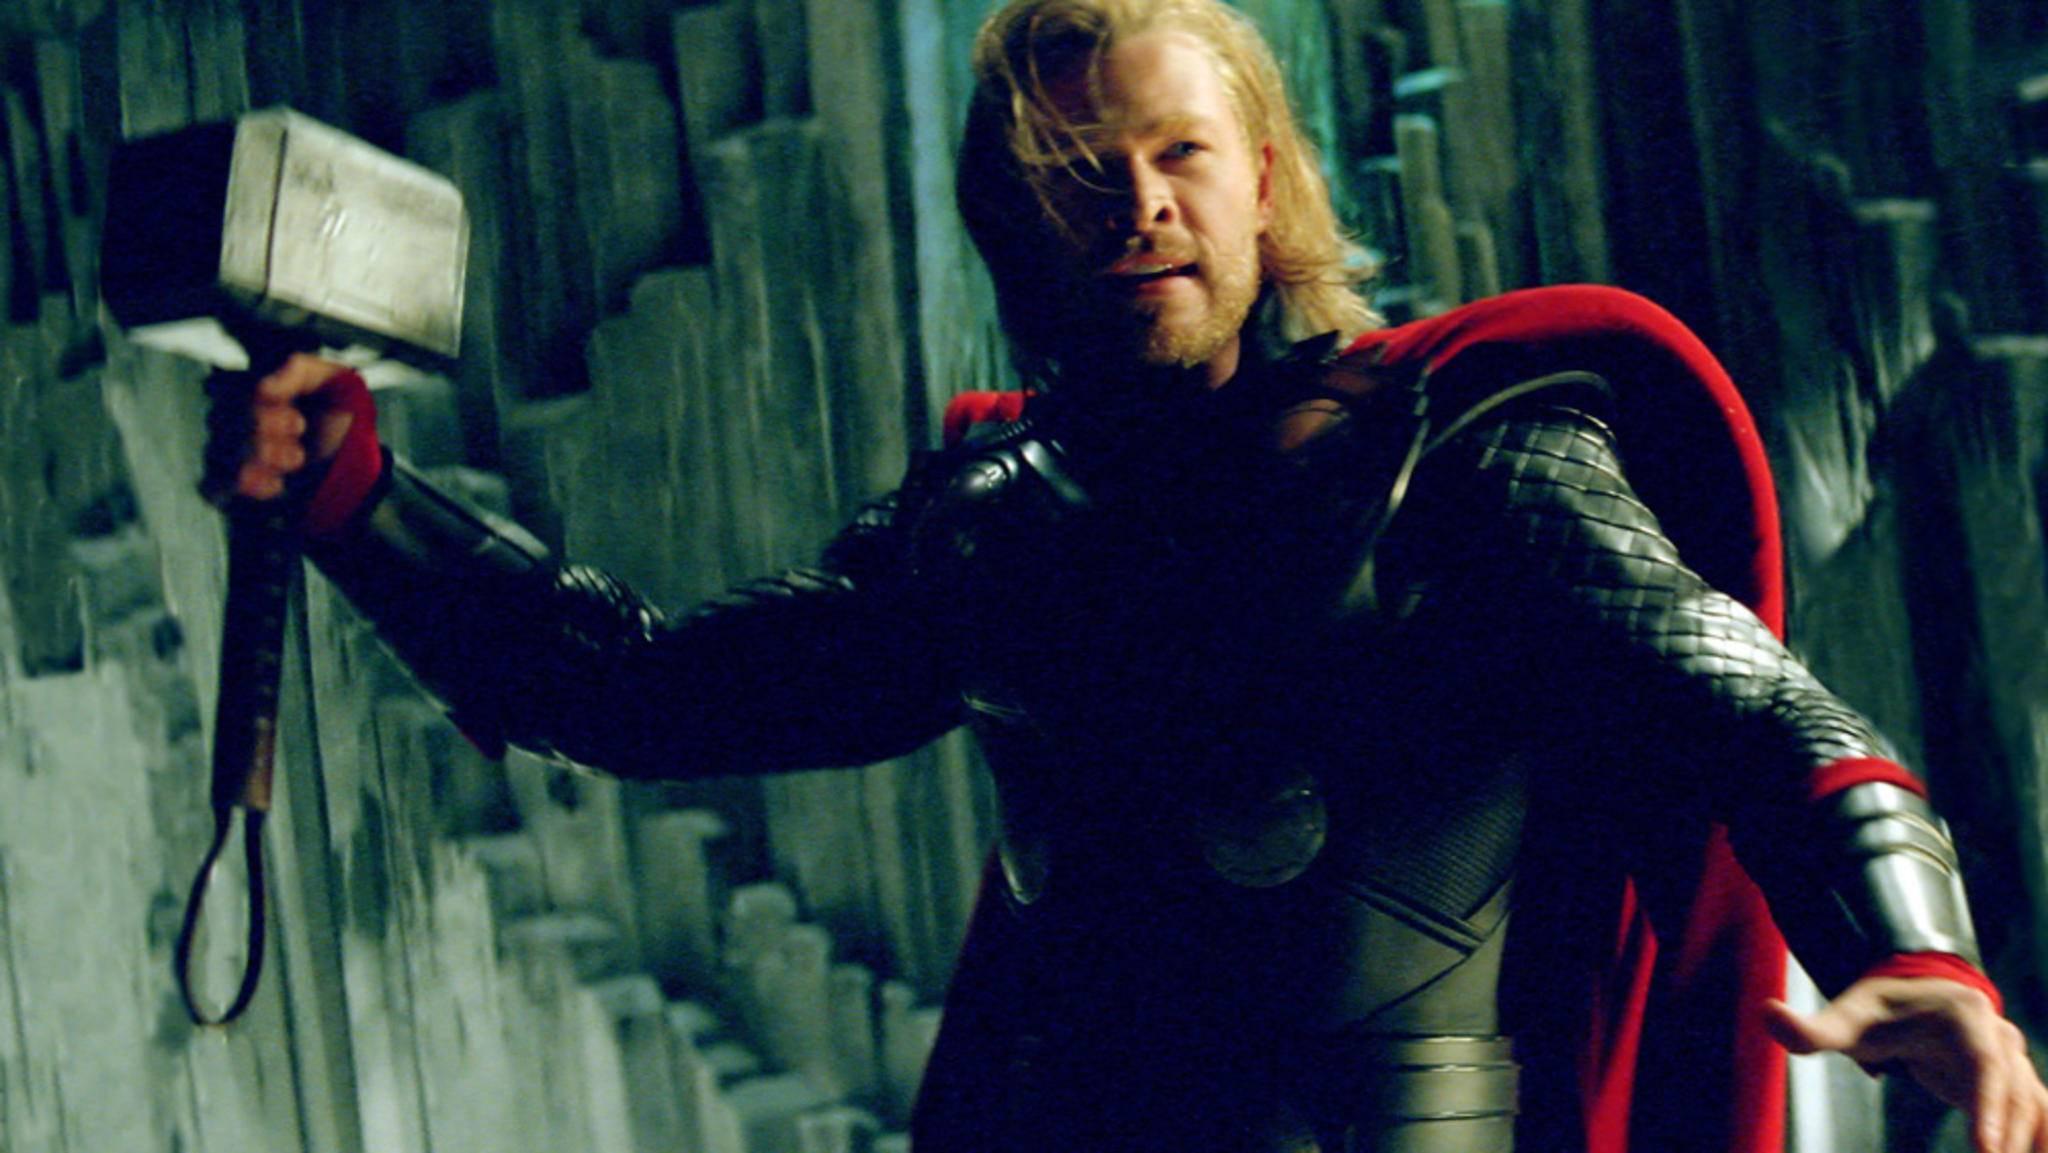 Auch Thors Hammer wird bei der großen Hollywood-Auktion versteigert.